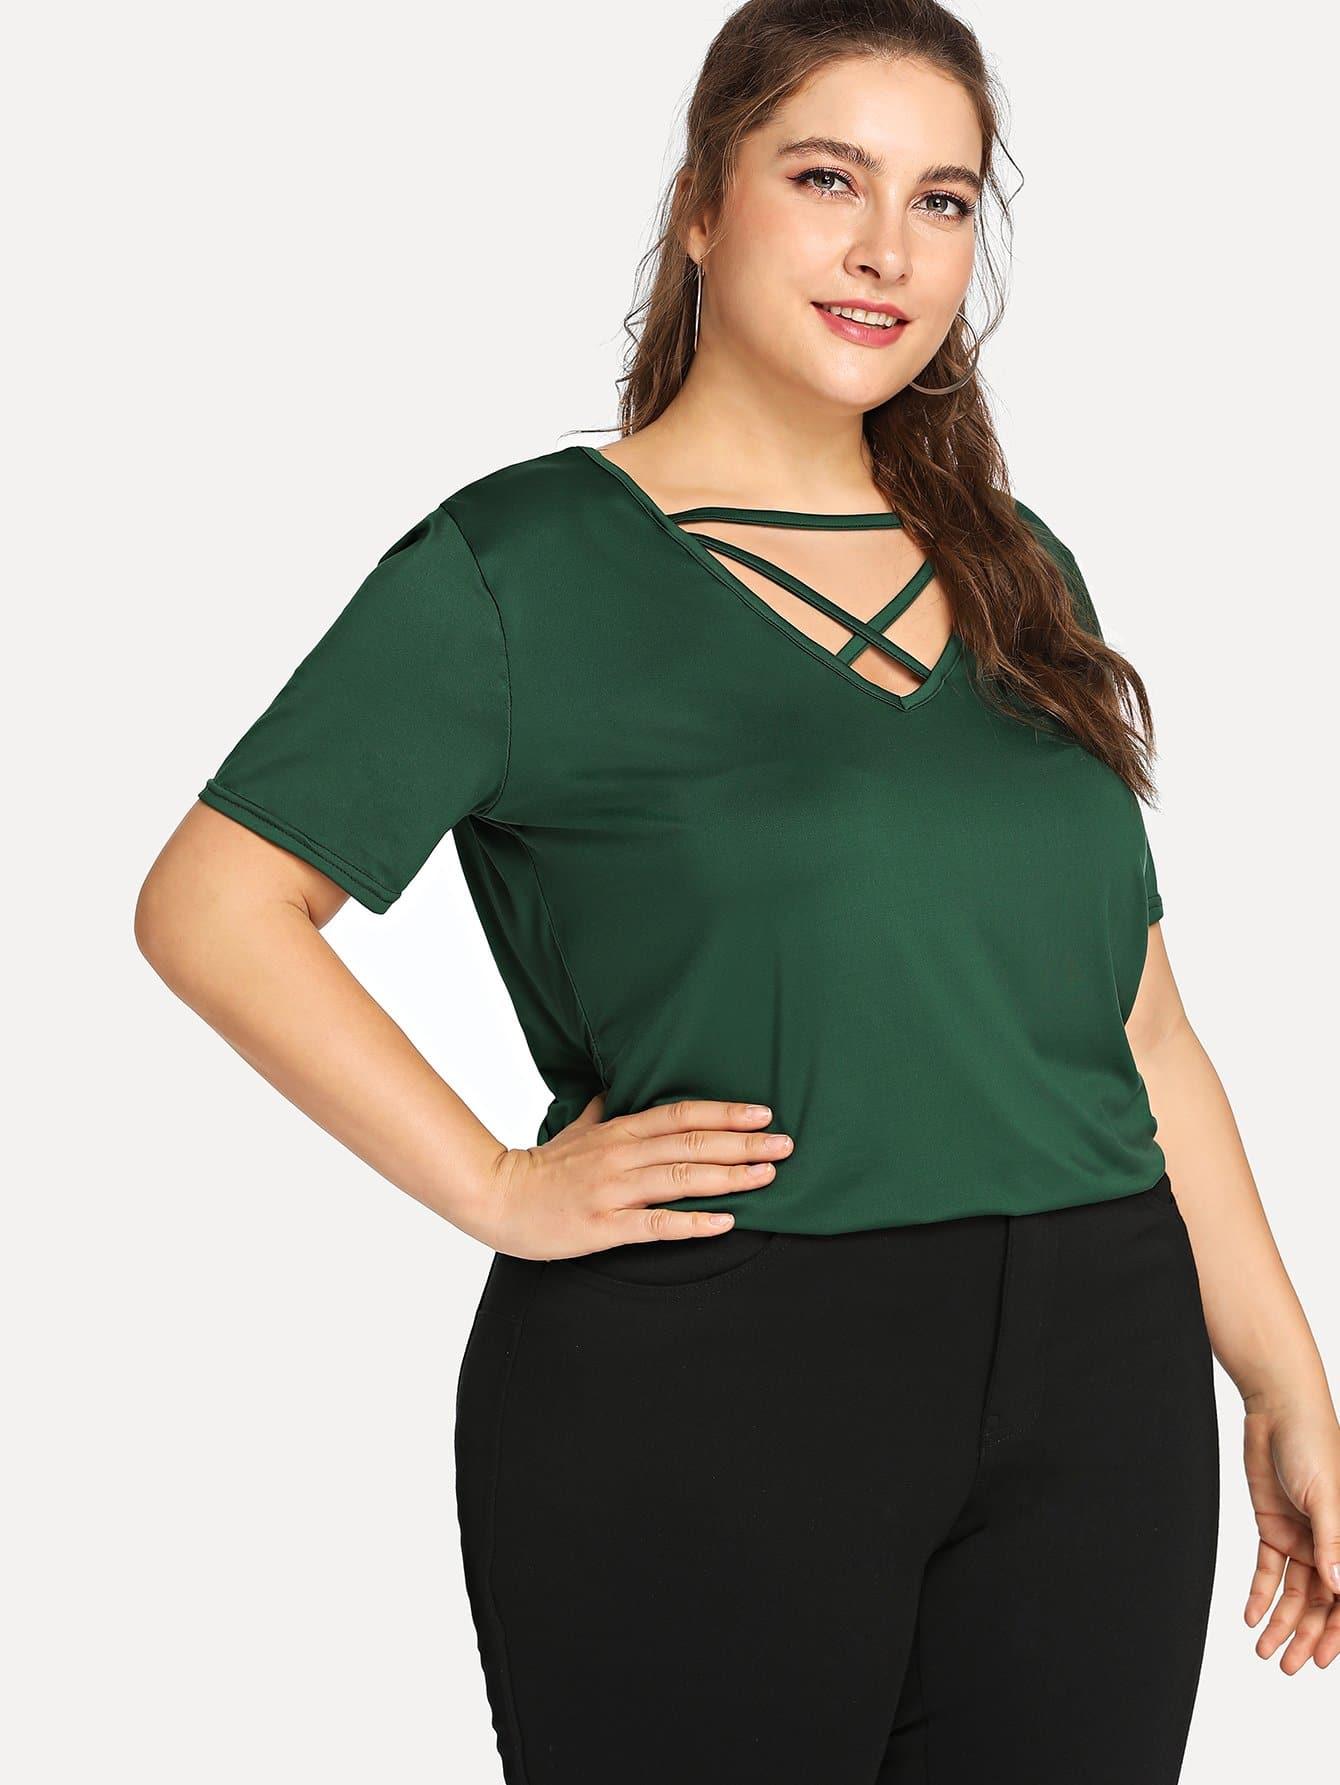 Купить Повседневные Одноцветный Крестовый дизайн Зелёные Топыразмераплюс, Franziska, SheIn